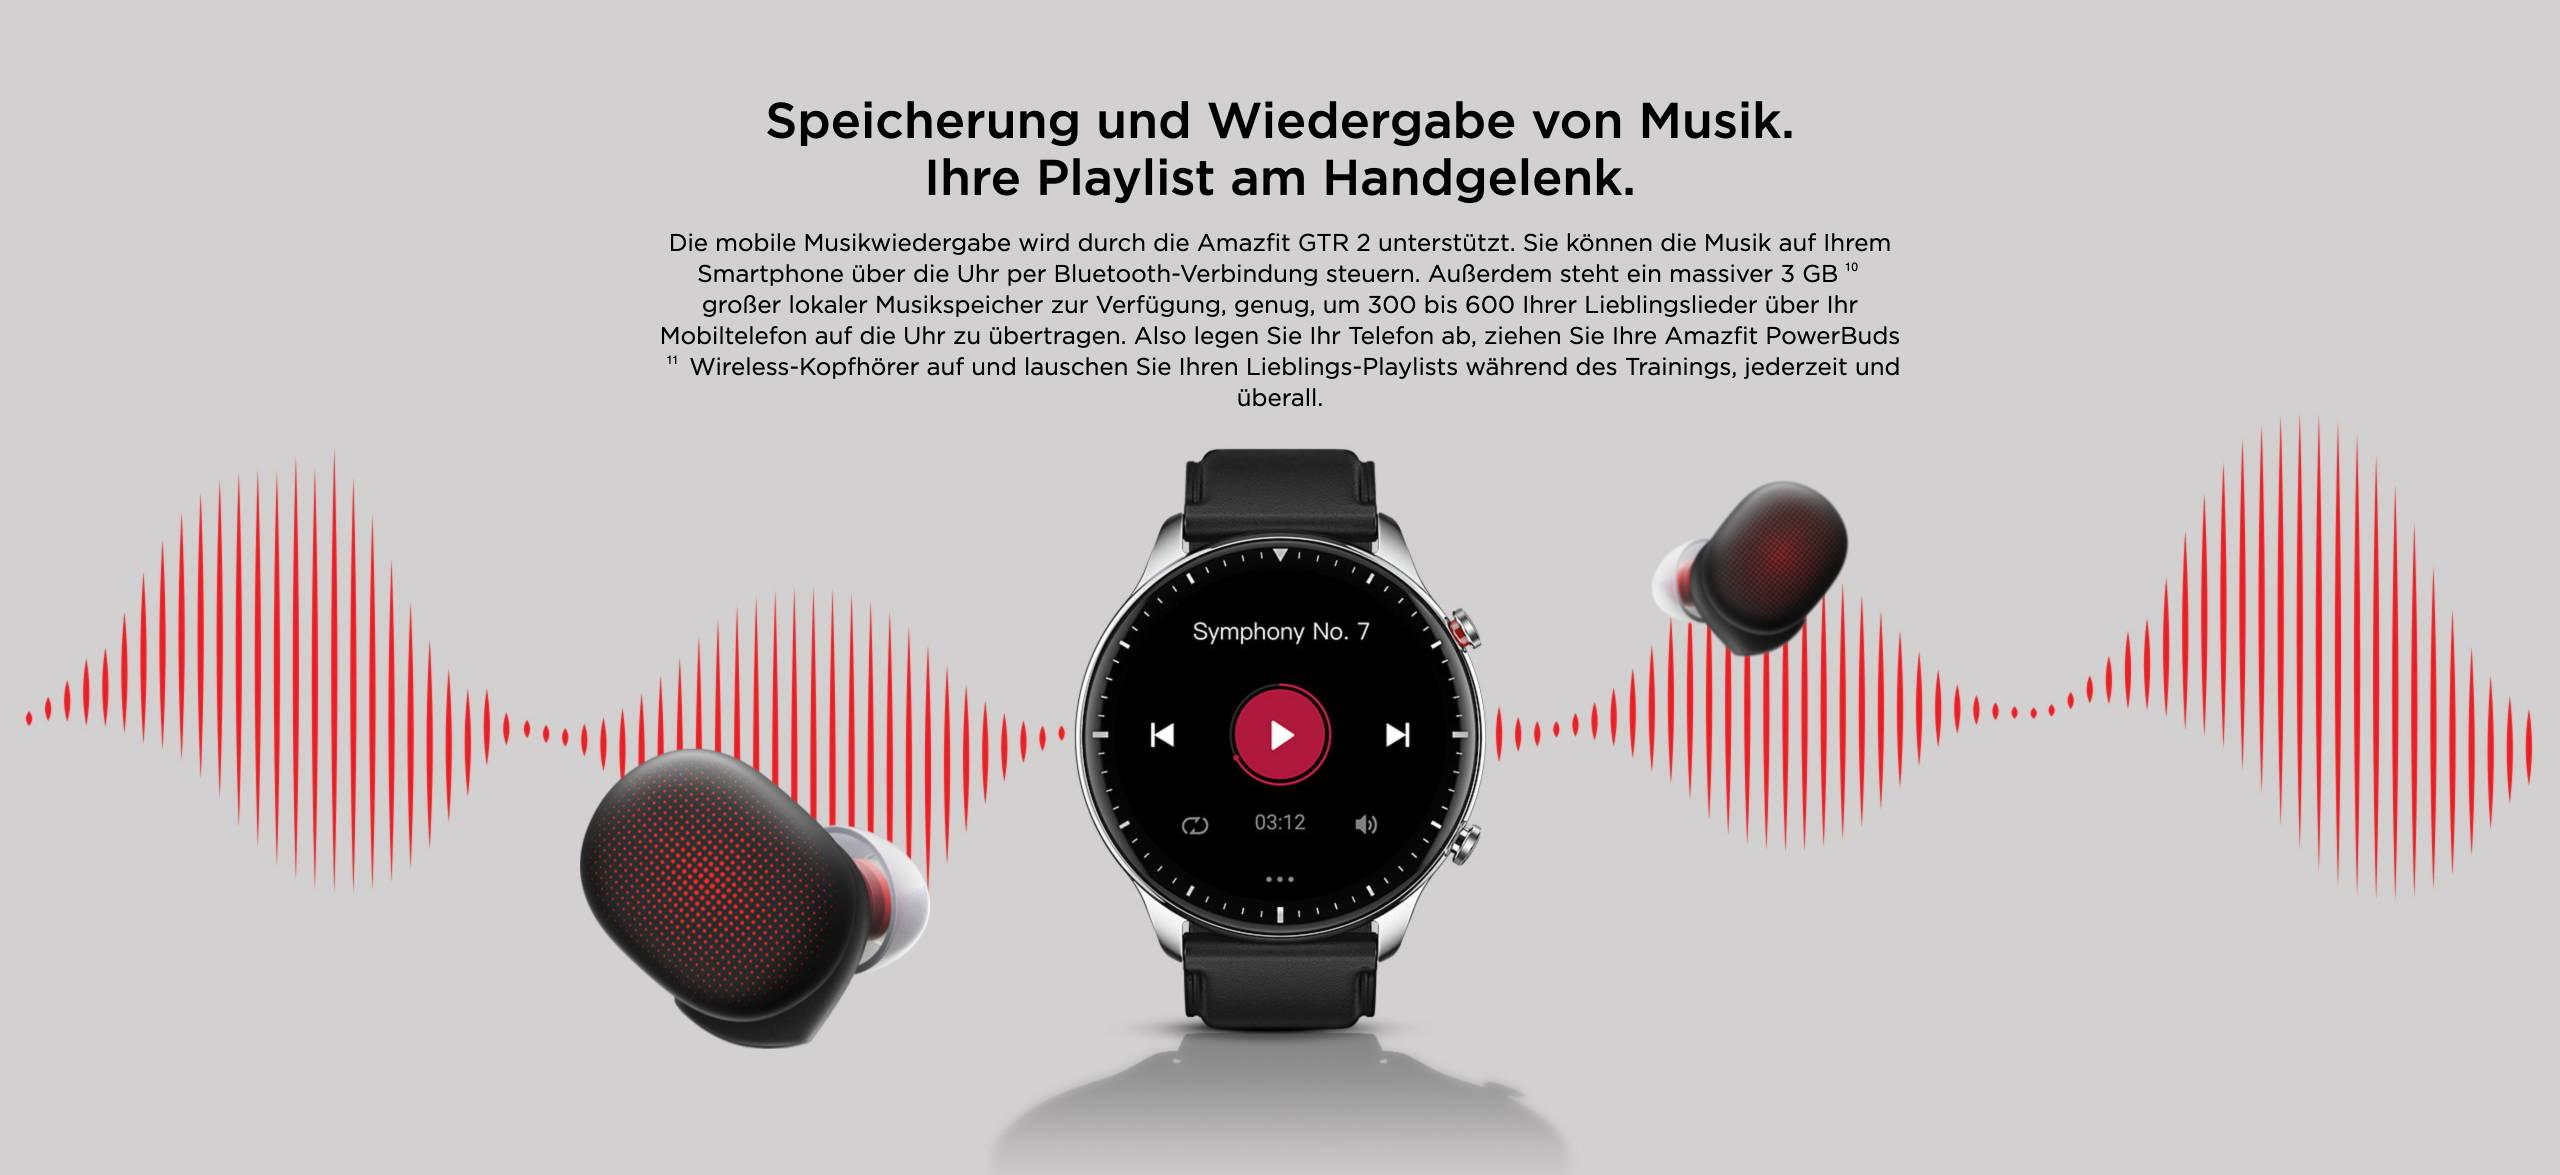 Amazfit GTR 2 - Speicherung und Wiedergabe von Musik. Ihre Playlist am Handgelenk.